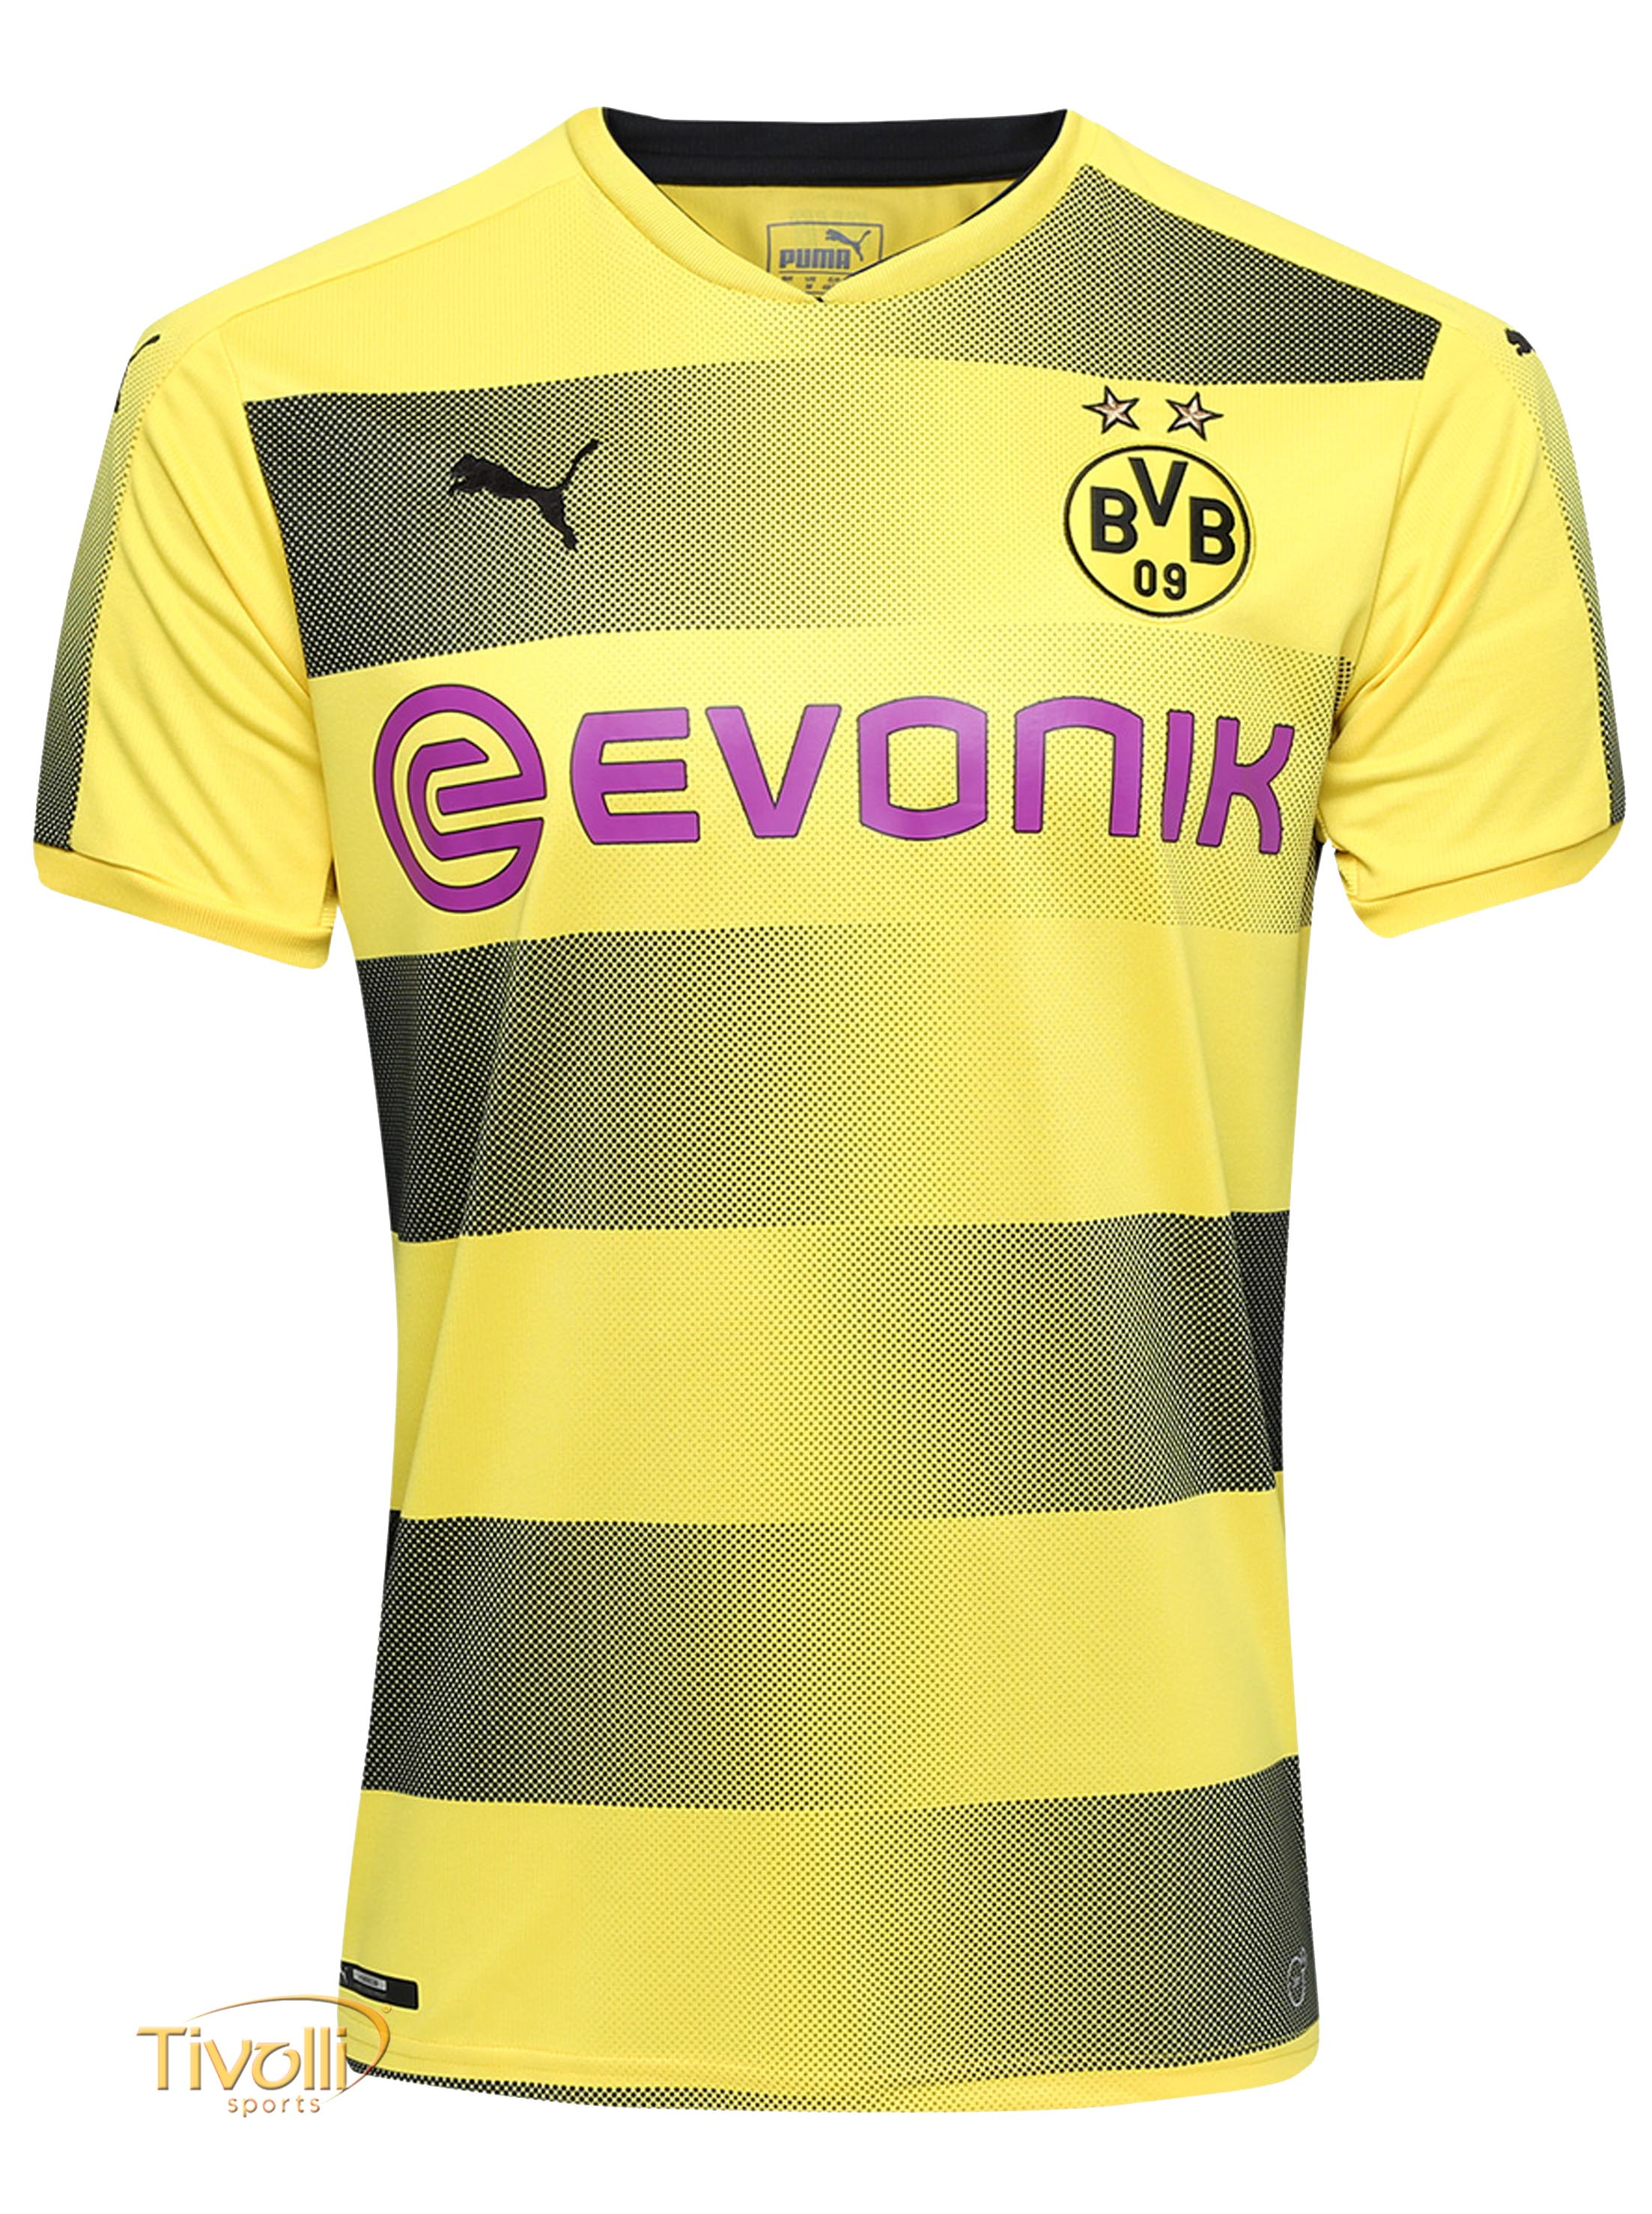 7fa2ee009f514 Camisa Borussia Dortmund BVB I Home Puma 2017 18 Infantil